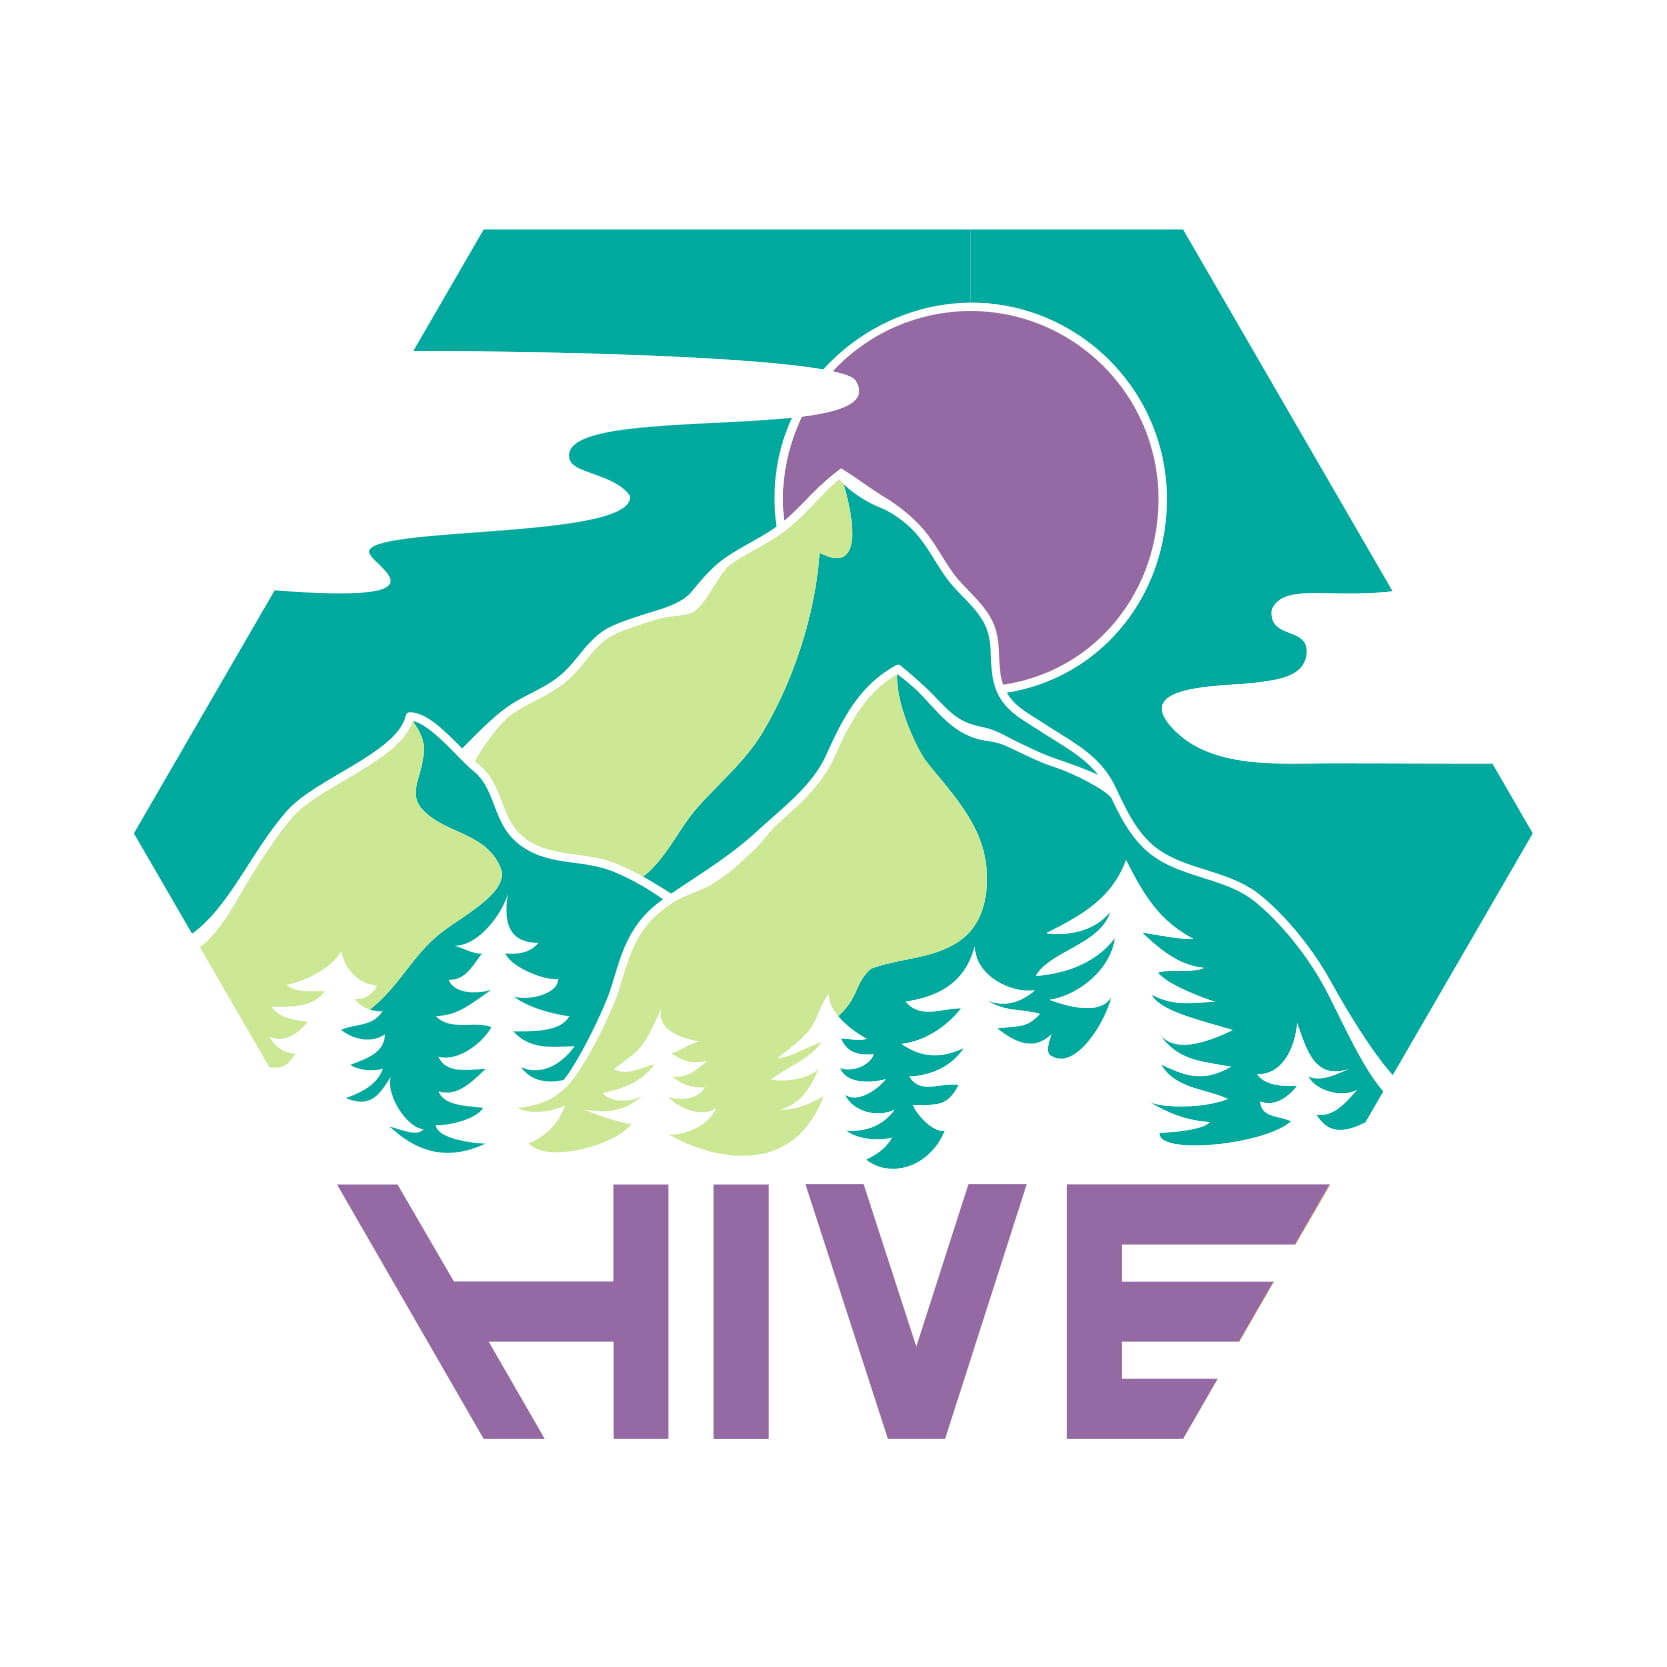 The Hive Zagreb